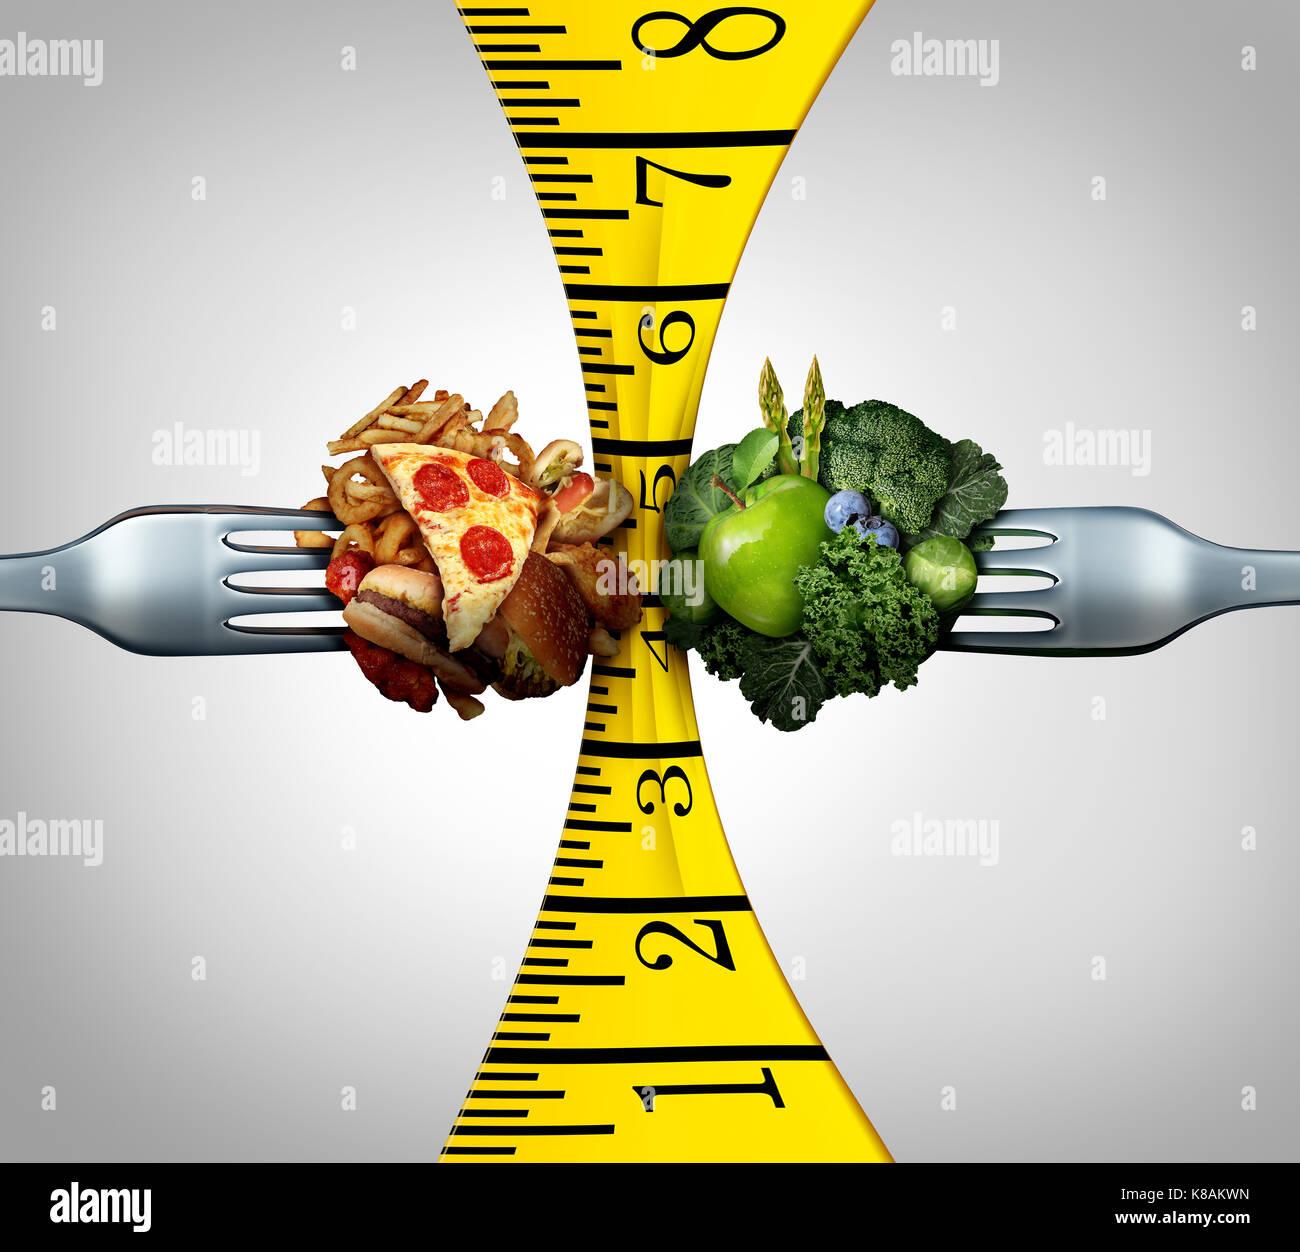 Cinta de medir los alimentos y el control de peso squeeze concepto como dos horquillas con comida chatarra y saludable Imagen De Stock